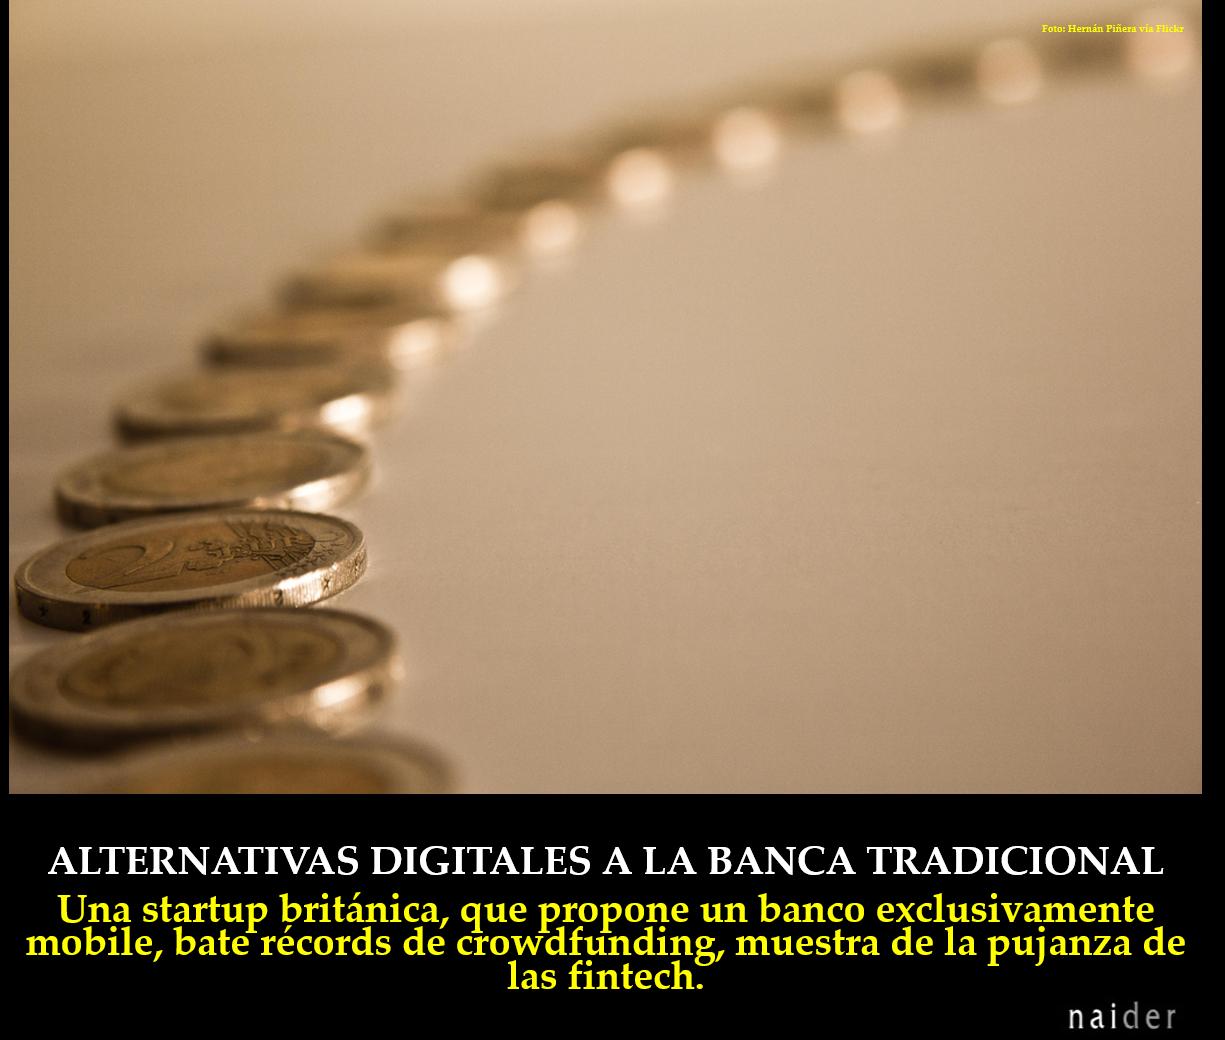 Alternativas digitales a la banca tradicional infopost.jpg